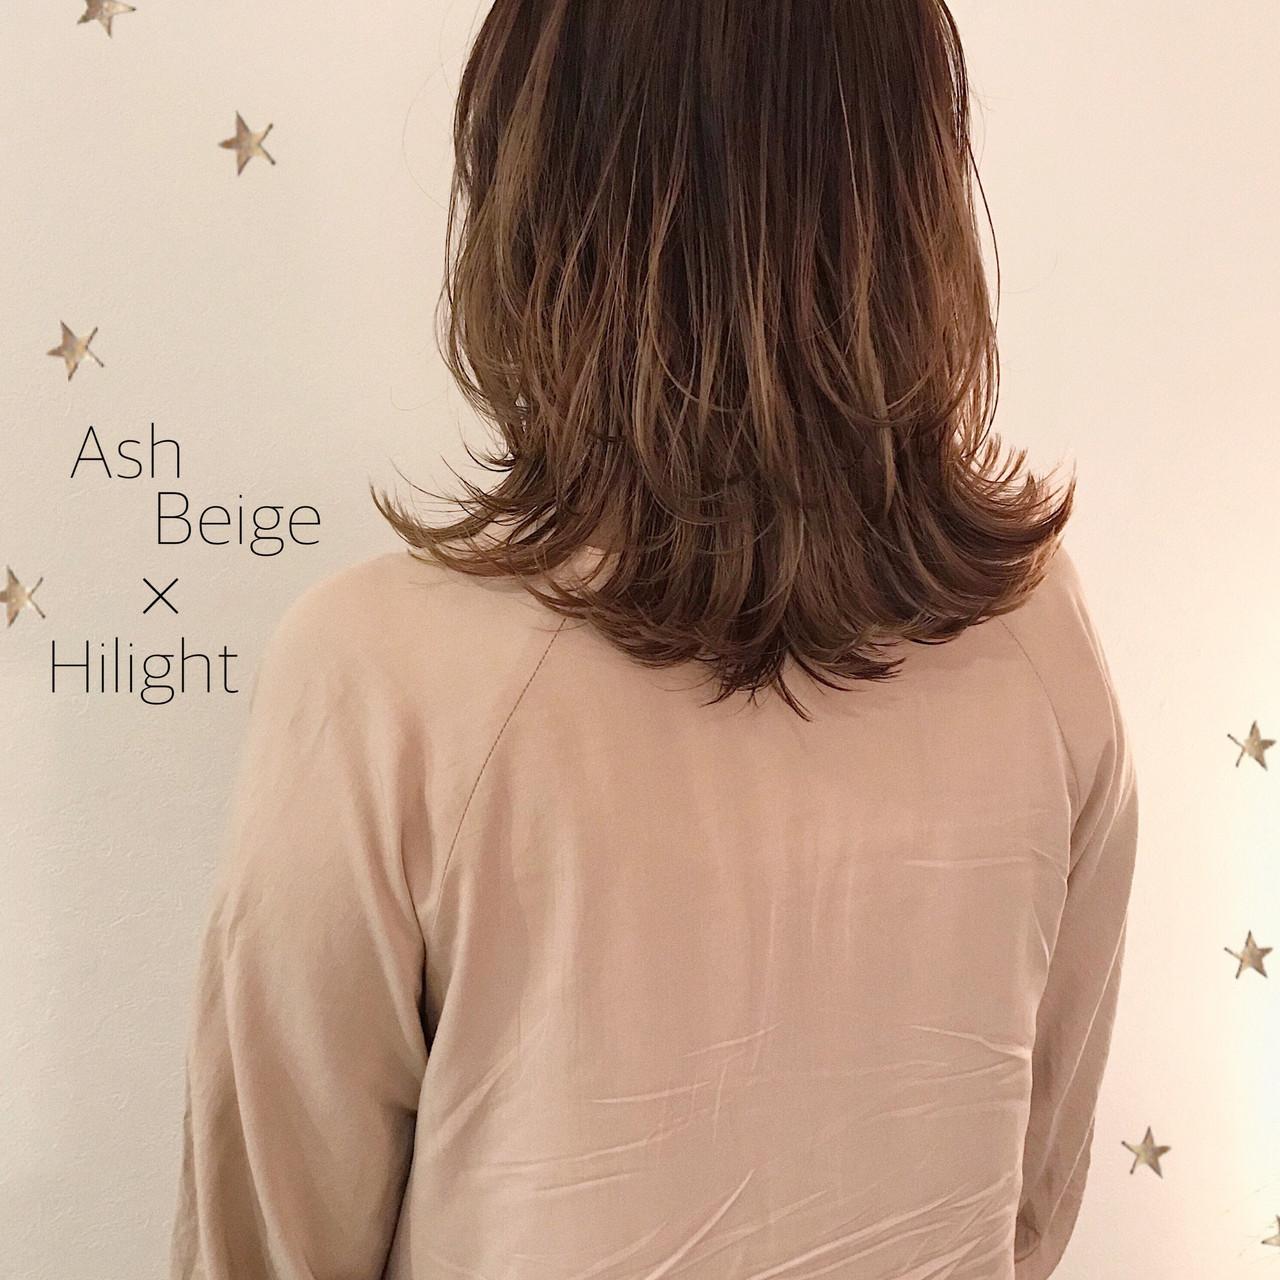 アンニュイほつれヘア ハイライト ミディアムレイヤー ストリート ヘアスタイルや髪型の写真・画像